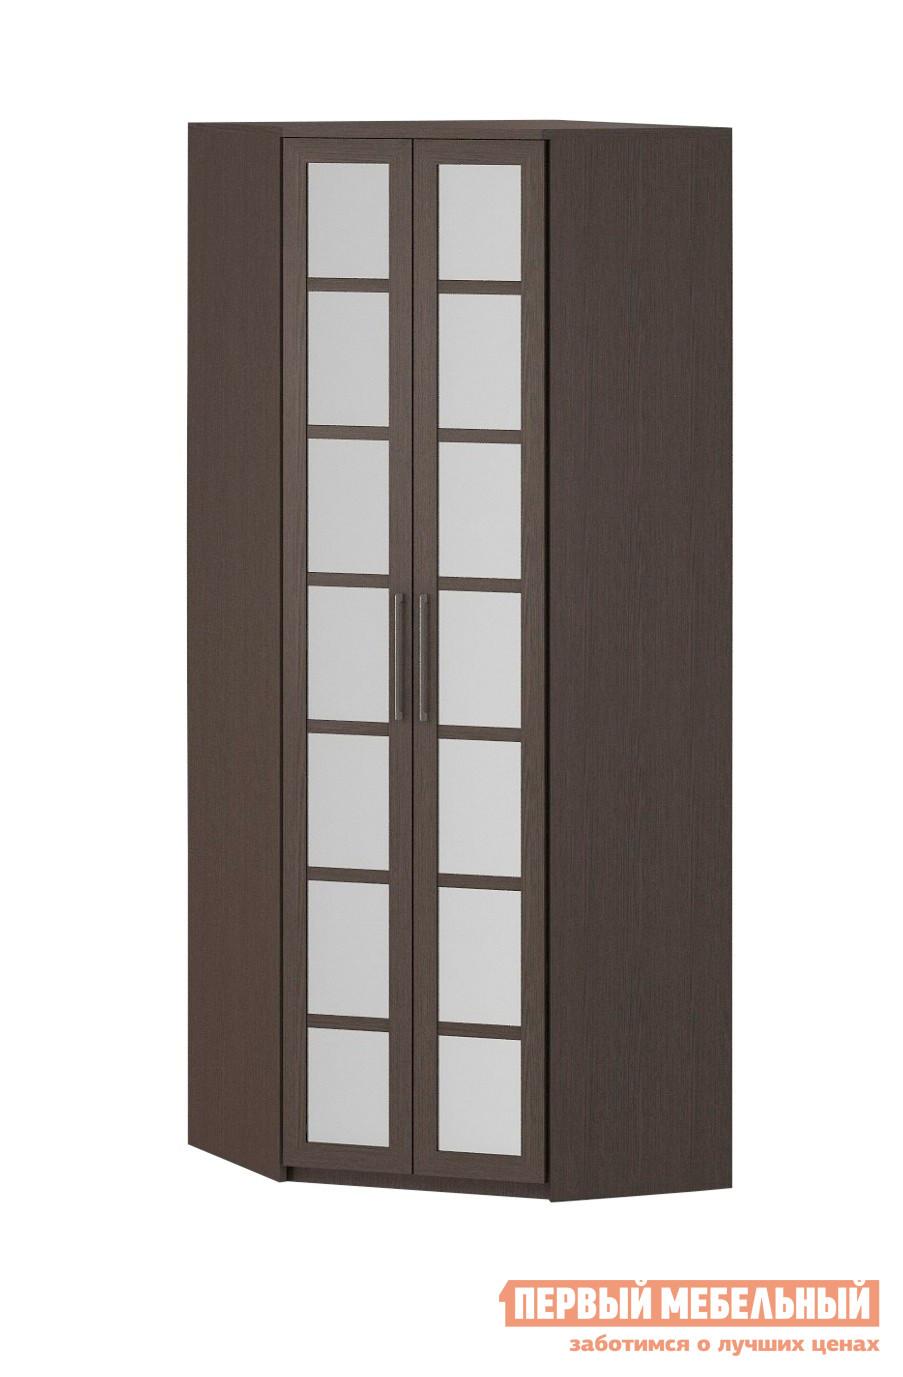 Шкаф распашной ВасКо Соло 030 (014) с зеркалом